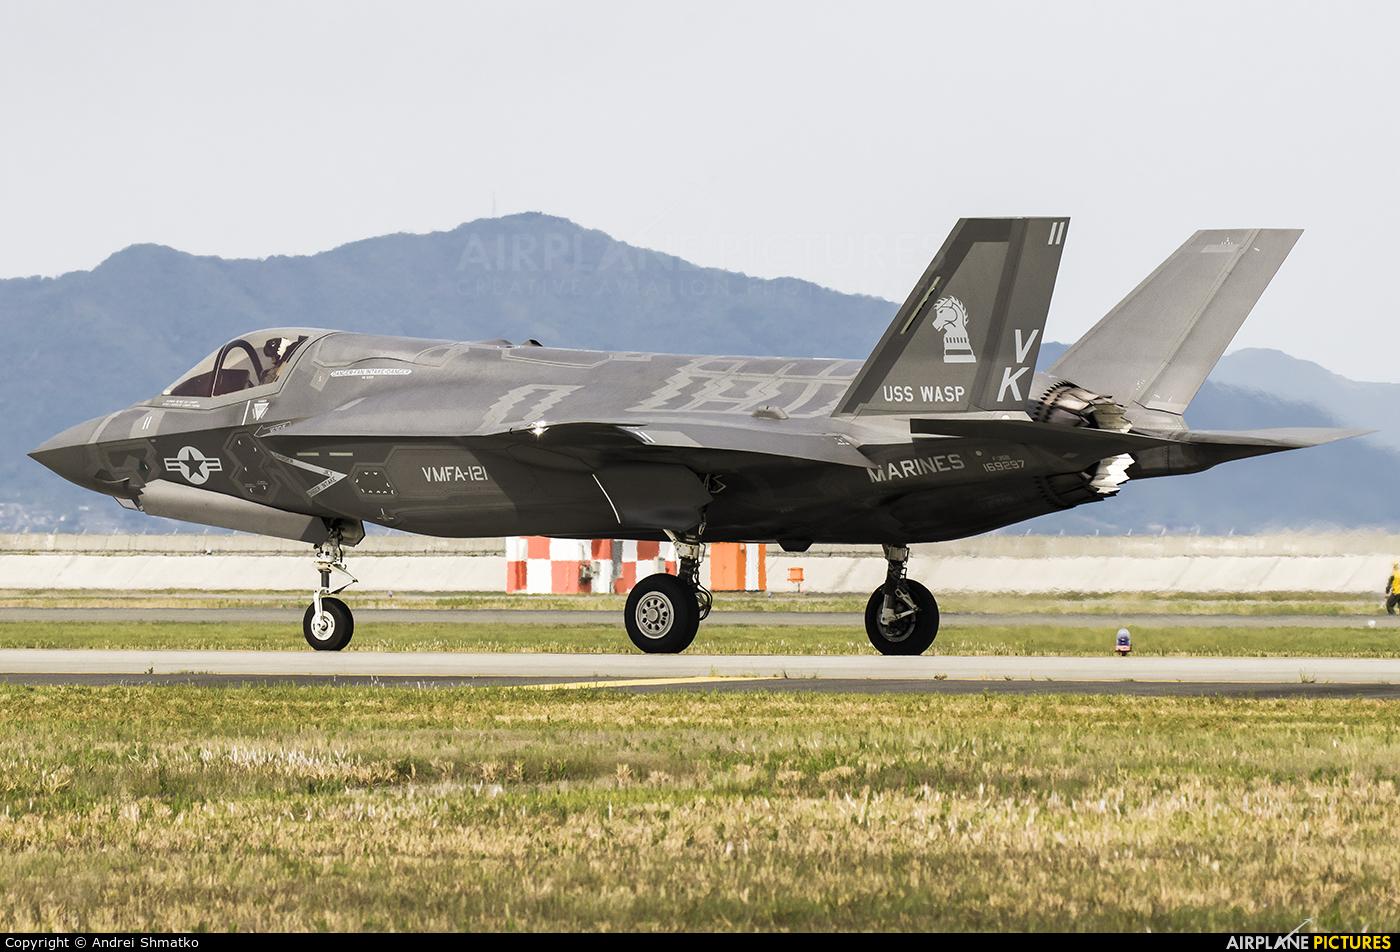 USA - Marine Corps 169297 aircraft at Iwakuni MCAS